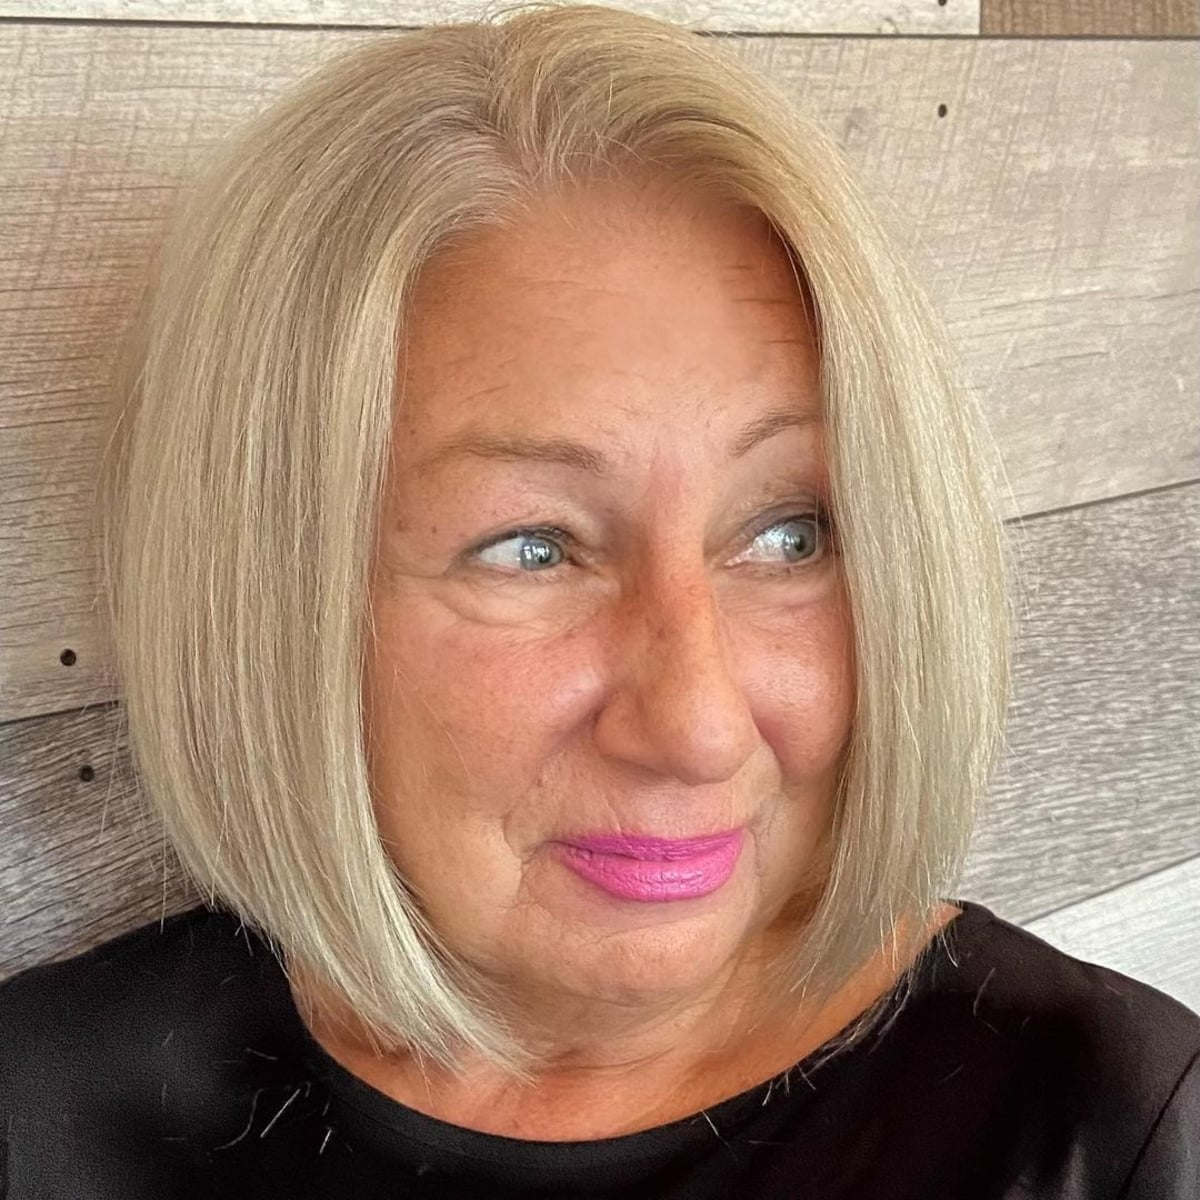 Bob pour les femmes de plus de 60 ans aux cheveux raides et au visage rond